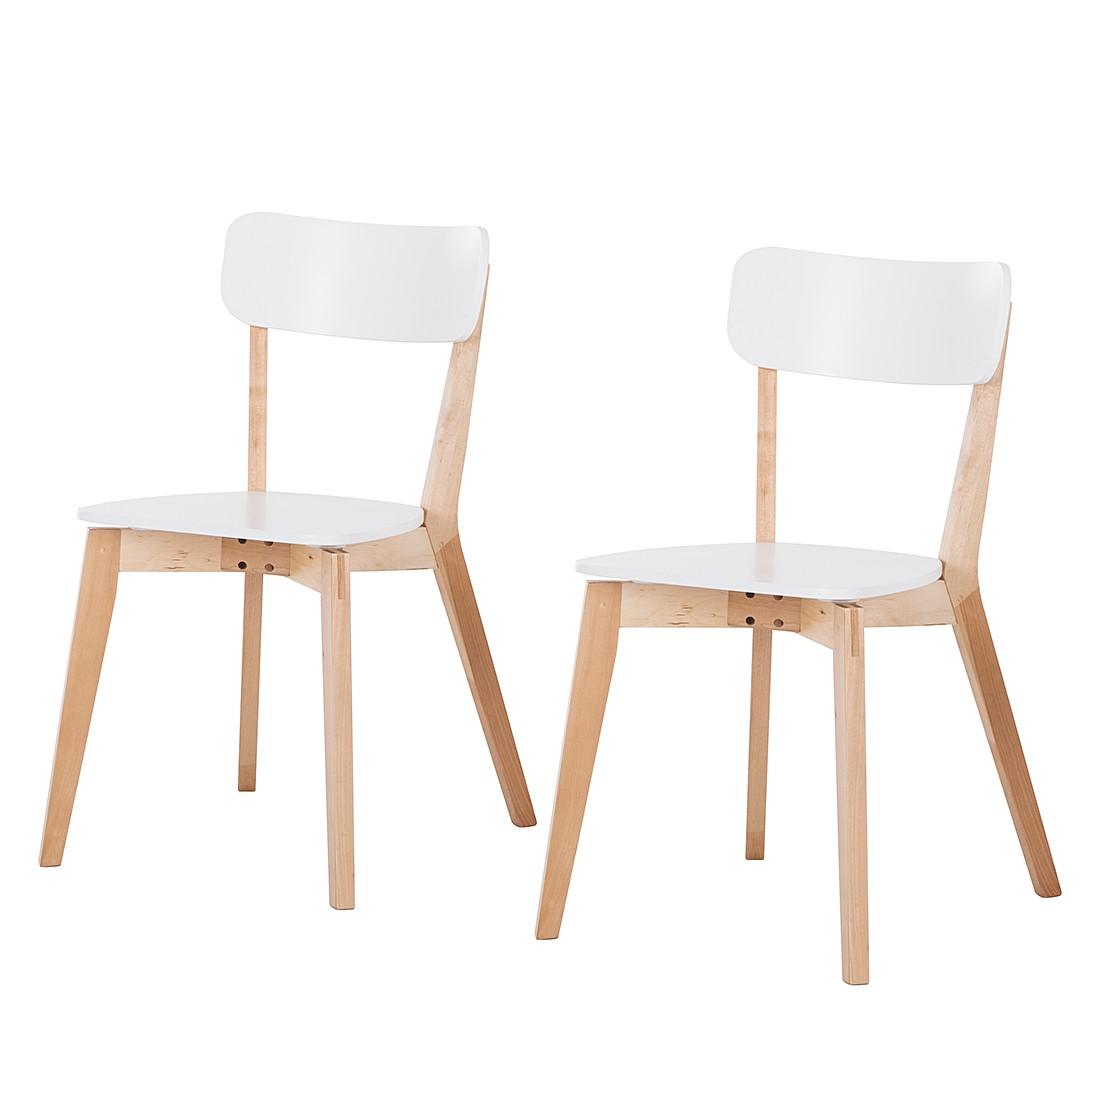 esszimmerstuhl rob 2x wei birke natur hochlehner st hle. Black Bedroom Furniture Sets. Home Design Ideas